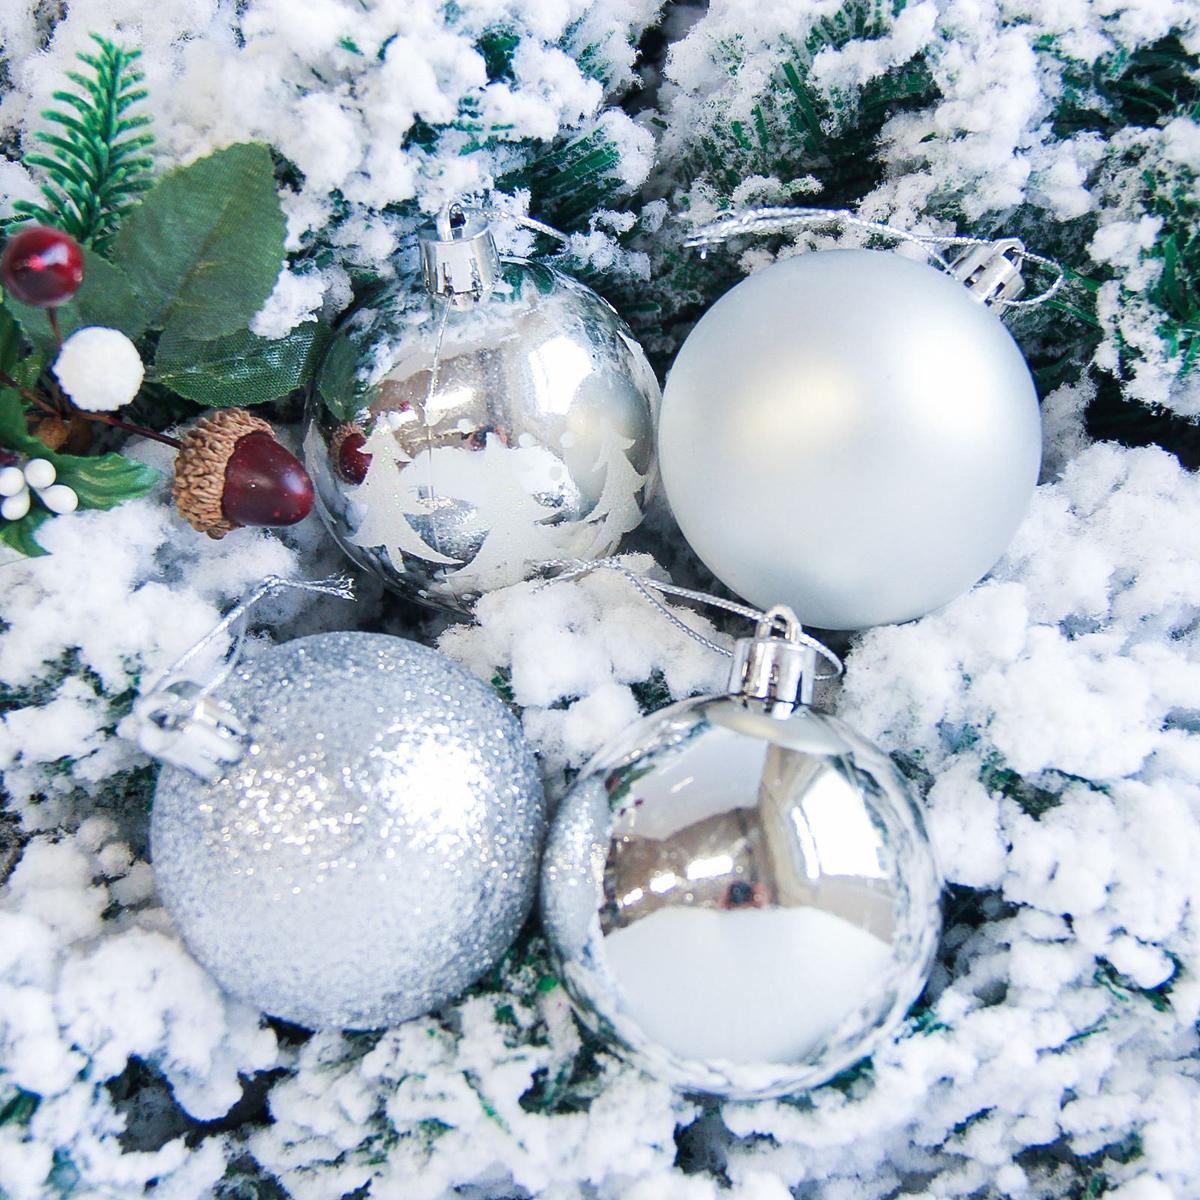 Набор новогодних подвесных украшений Sima-land Грациозо, цвет: серебристый, диаметр 6 см, 16 шт2178248Невозможно представить нашу жизнь без праздников! Мы всегда ждём их и предвкушаем, обдумываем, как проведём памятный день, тщательно выбираем подарки и аксессуары, ведь именно они создают и поддерживают торжественный настрой.